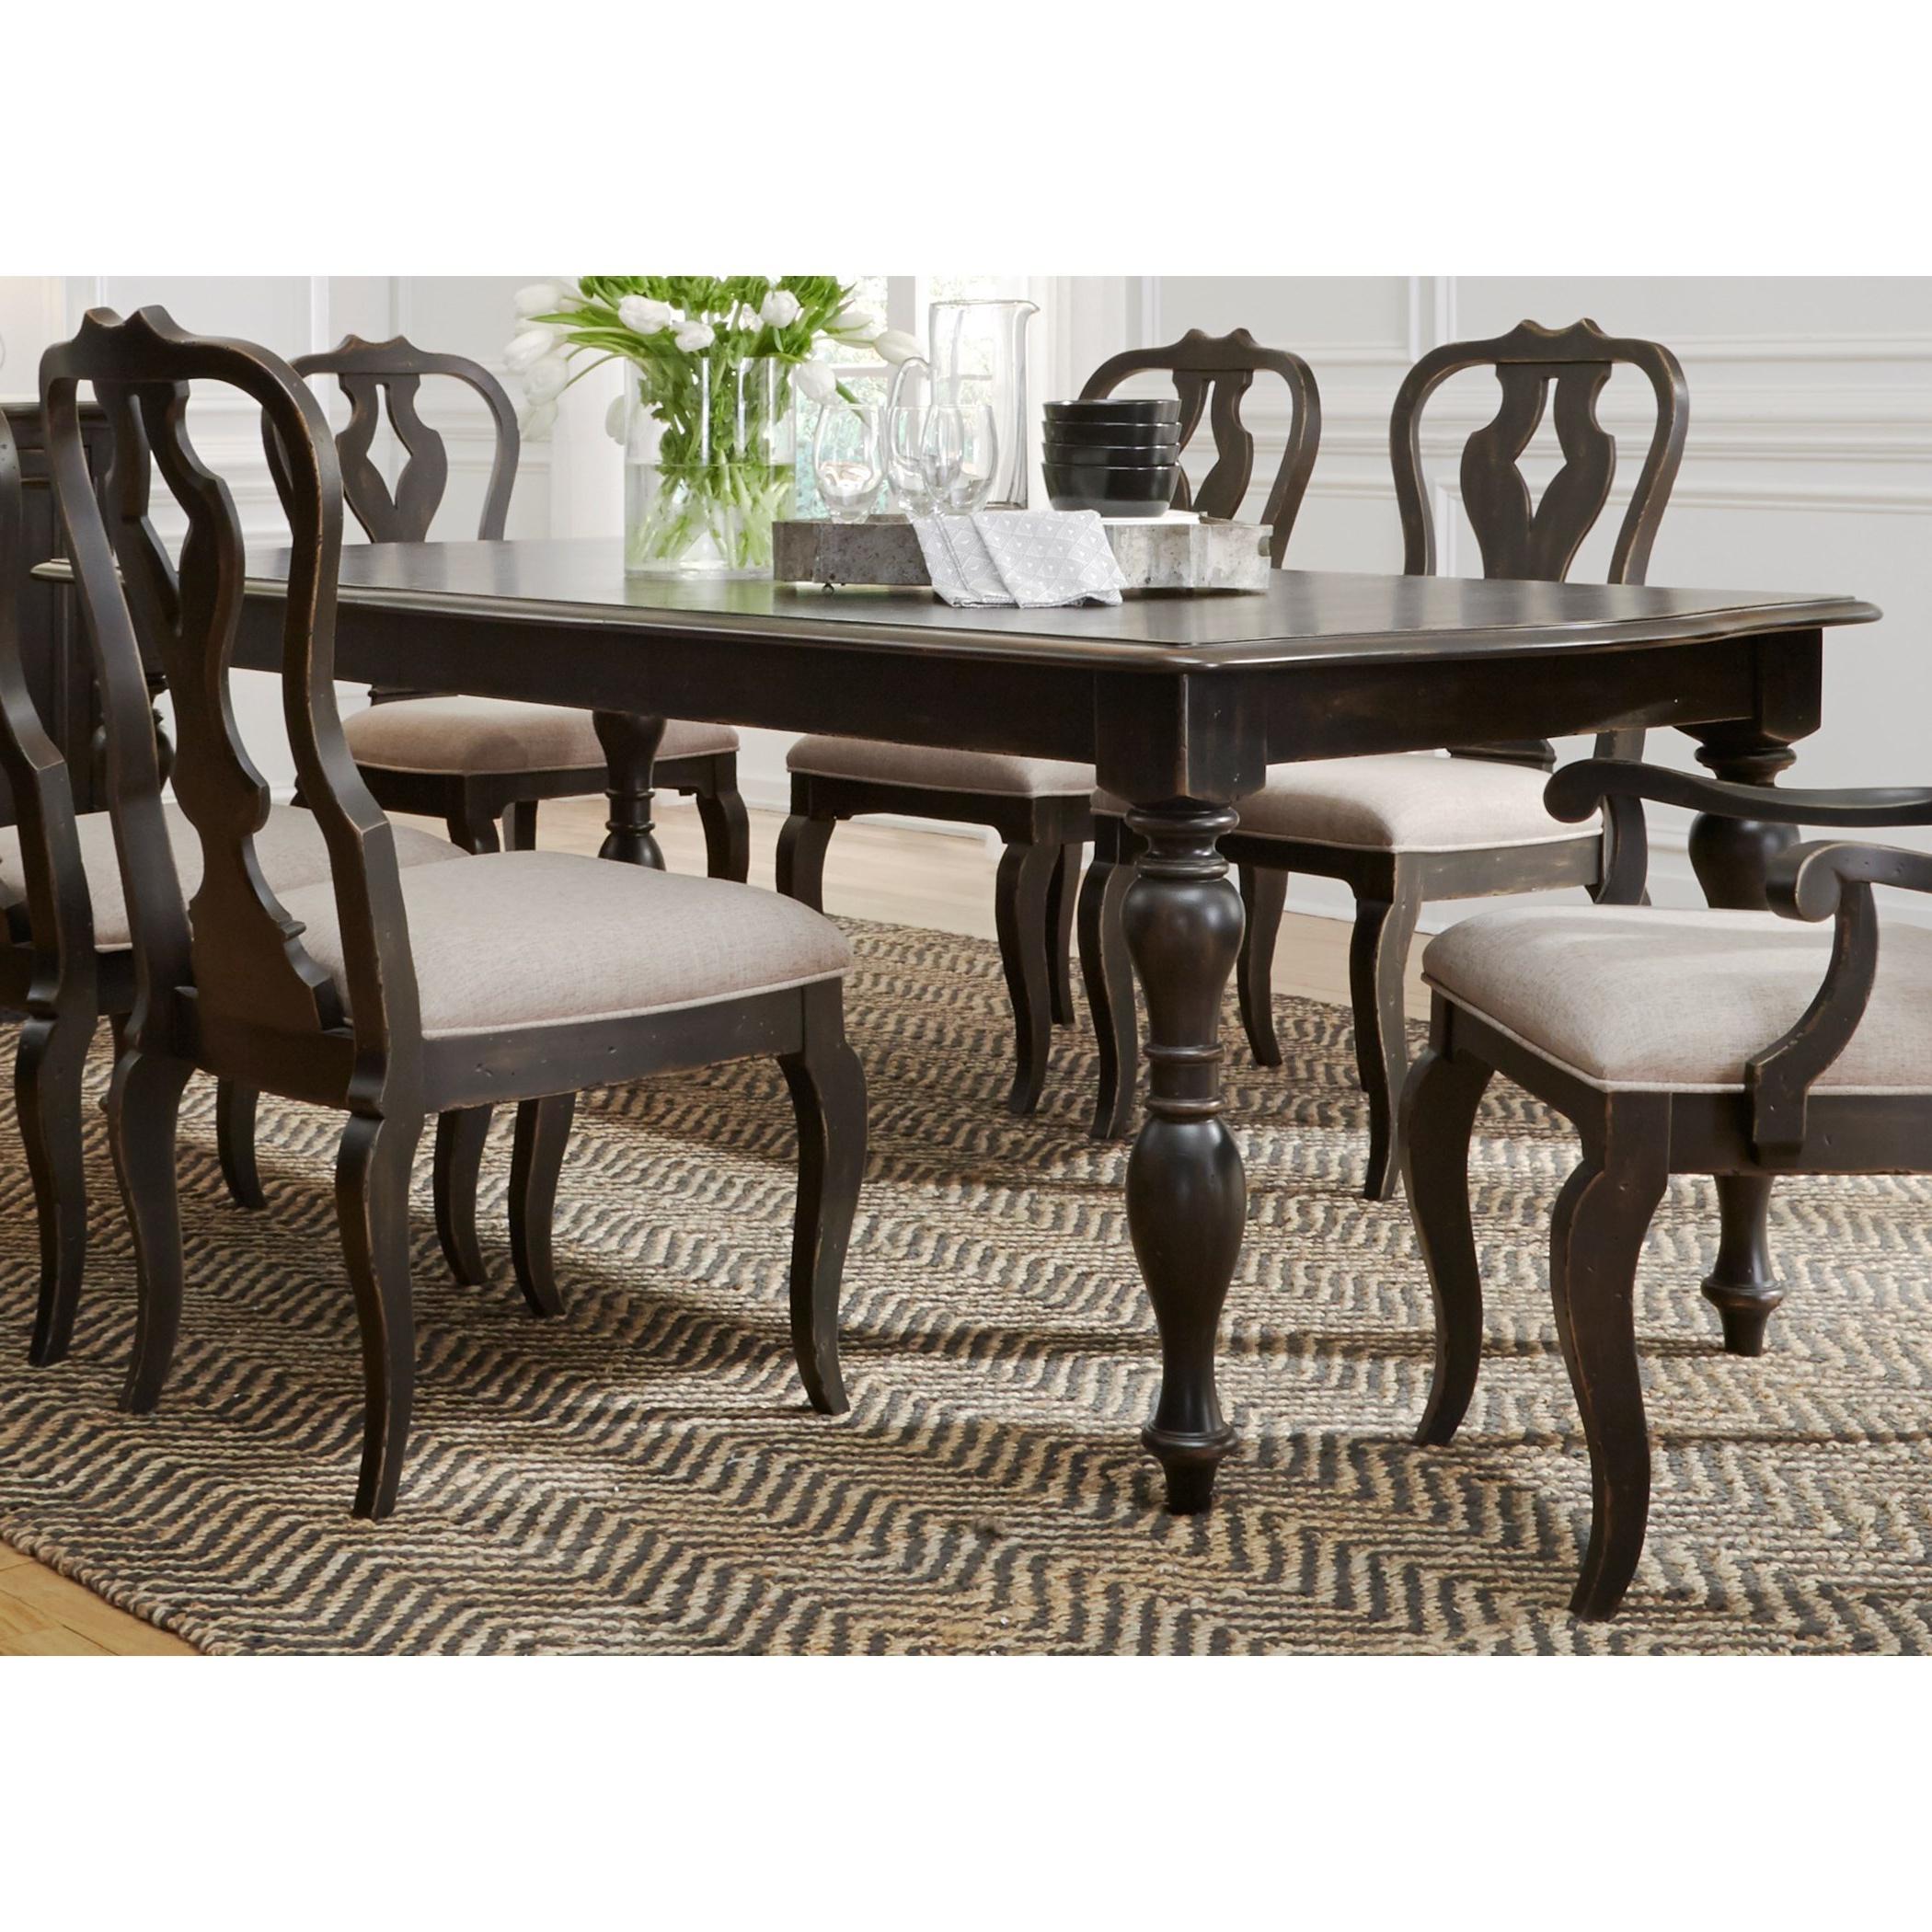 Chesapeake Rectangular Dining Table Regarding Most Recent Rectangular Dining Tables (View 7 of 25)